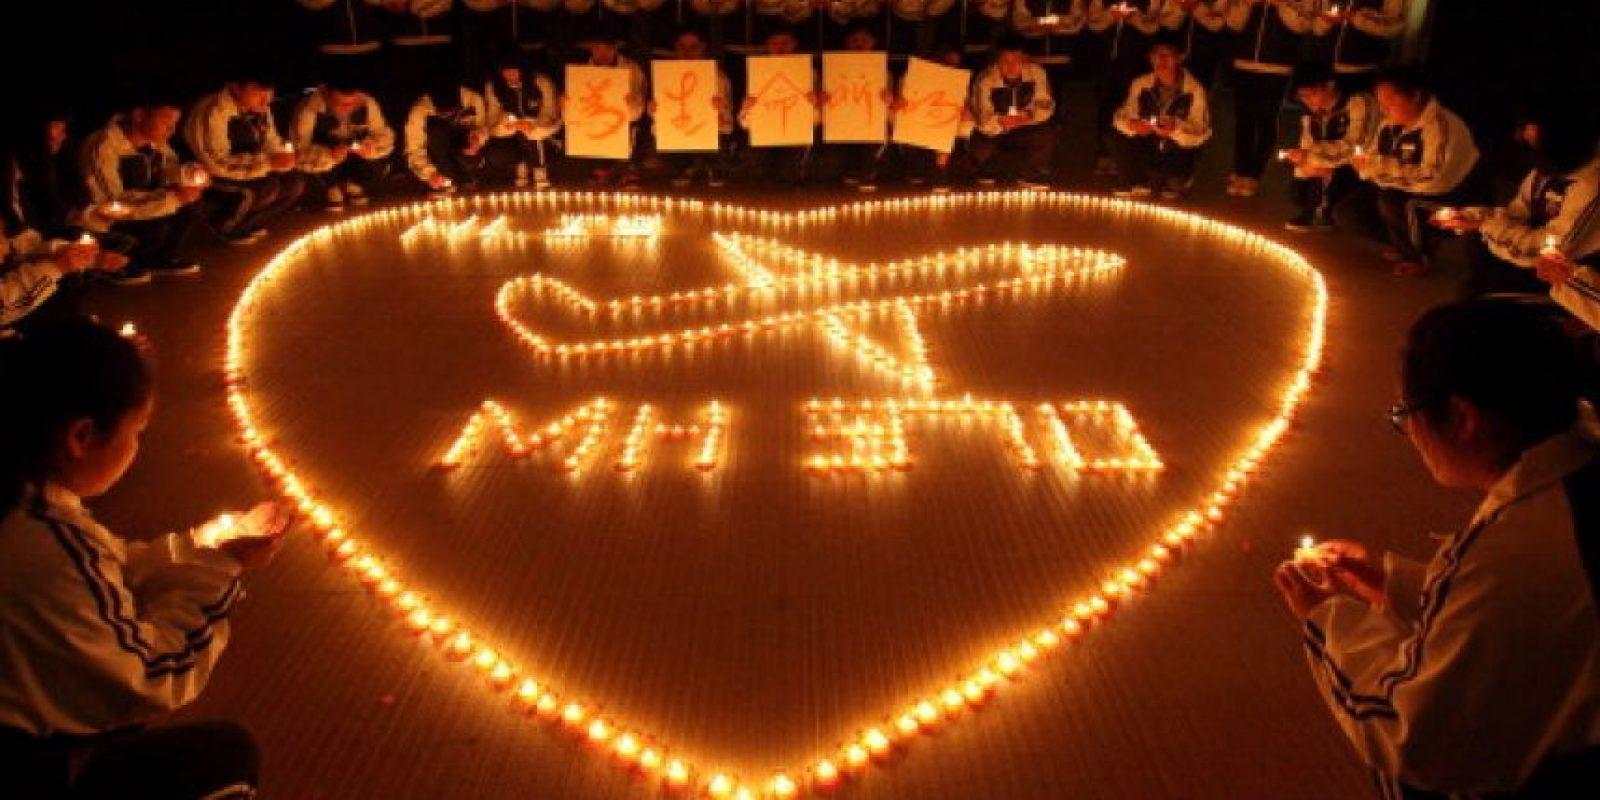 El Boing 777 desapareció el pasado 8 de marzo. Llevaba 227 pasajeros y una tripulación de 12 personas. Foto:Getty Images